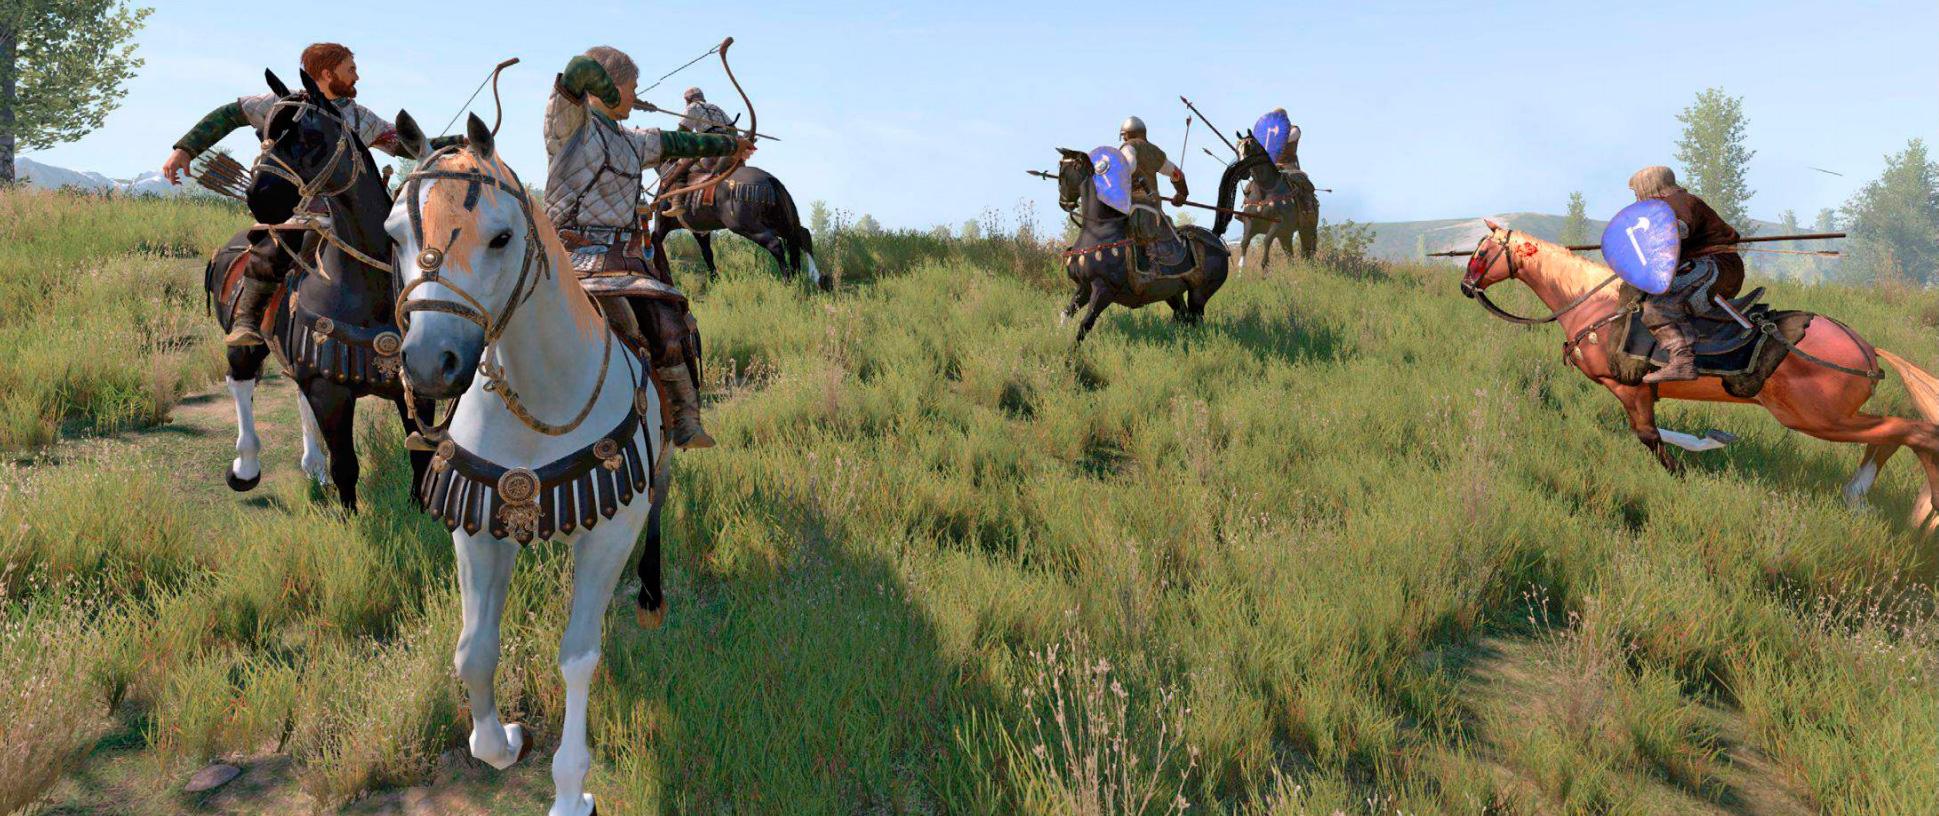 Армия в Mount & Blade II: Bannerlord — как увеличить